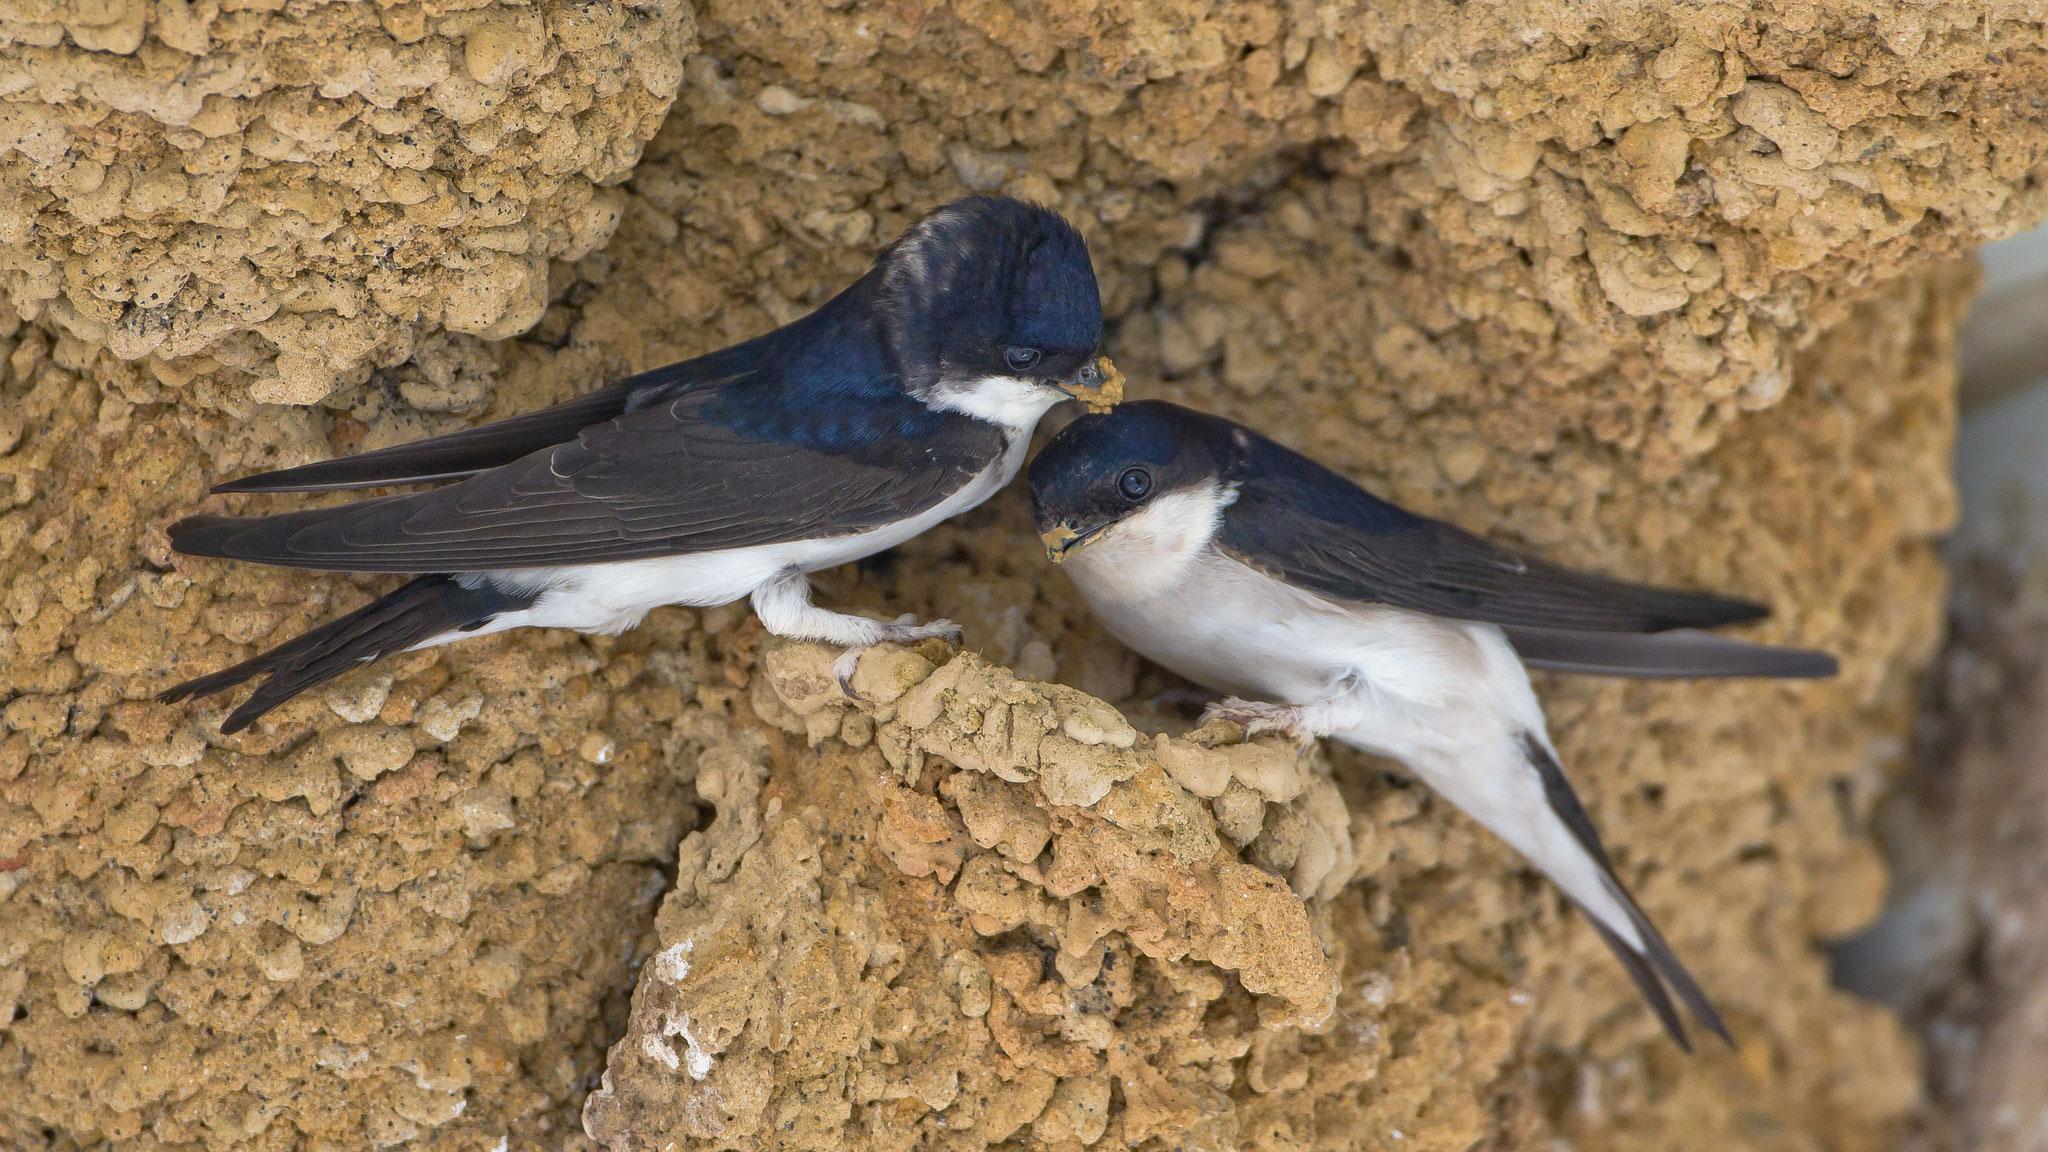 ... sind die Mehlschwalben erst am Aussbessern ihrer Nester, eine Tätigkeit die auch die Bindung zwischen den Paaren festigt.